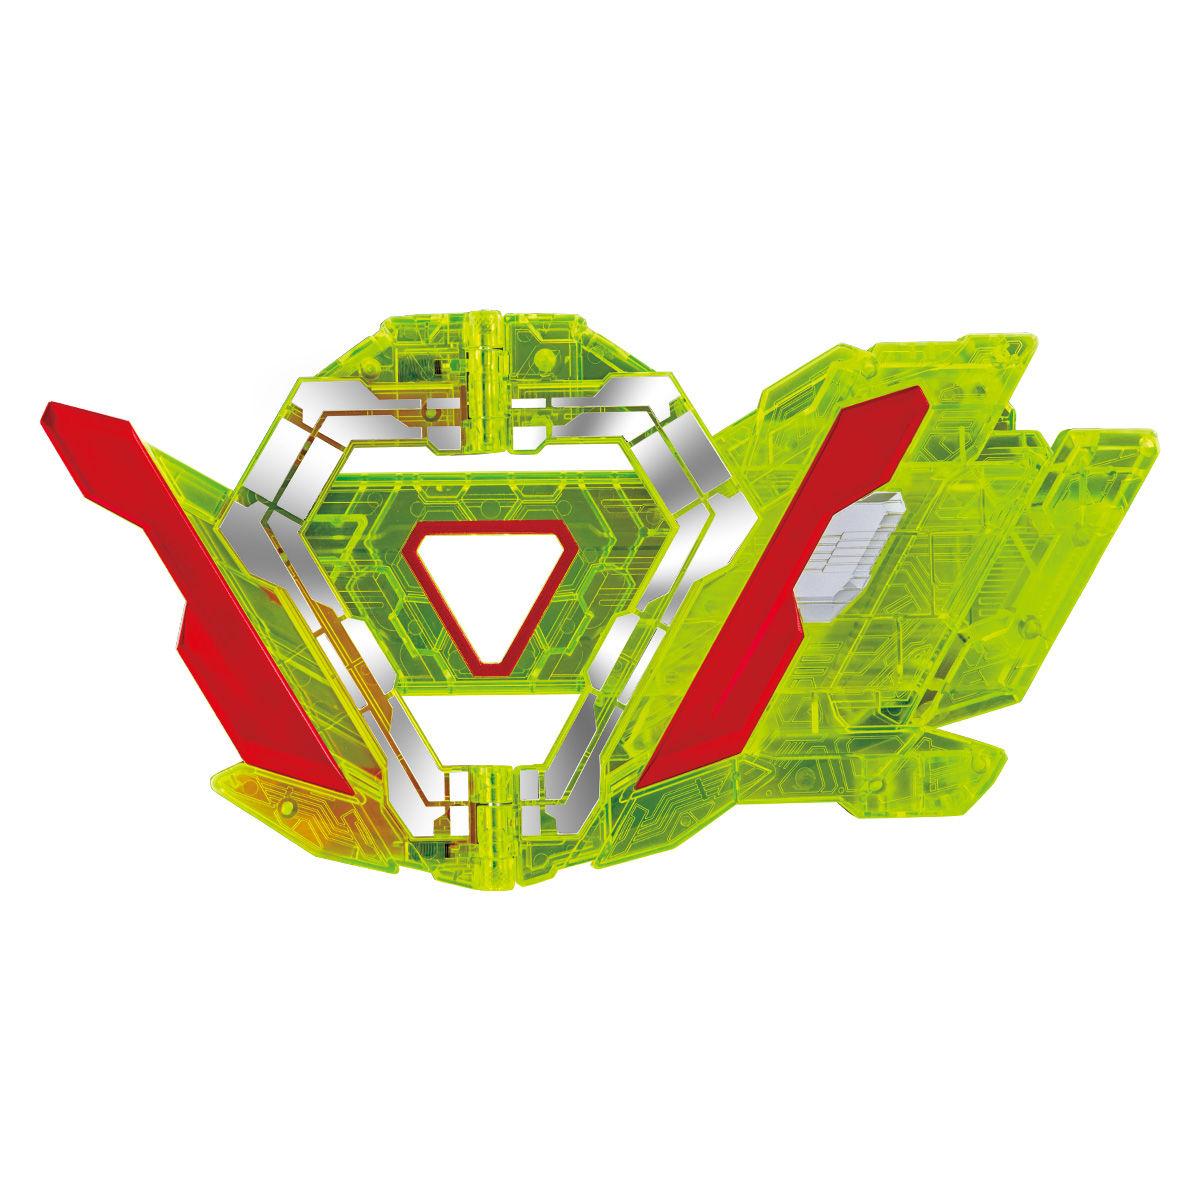 変身ベルト『DXゼロツープログライズキー&ゼロツードライバーユニット』変身なりきり-003